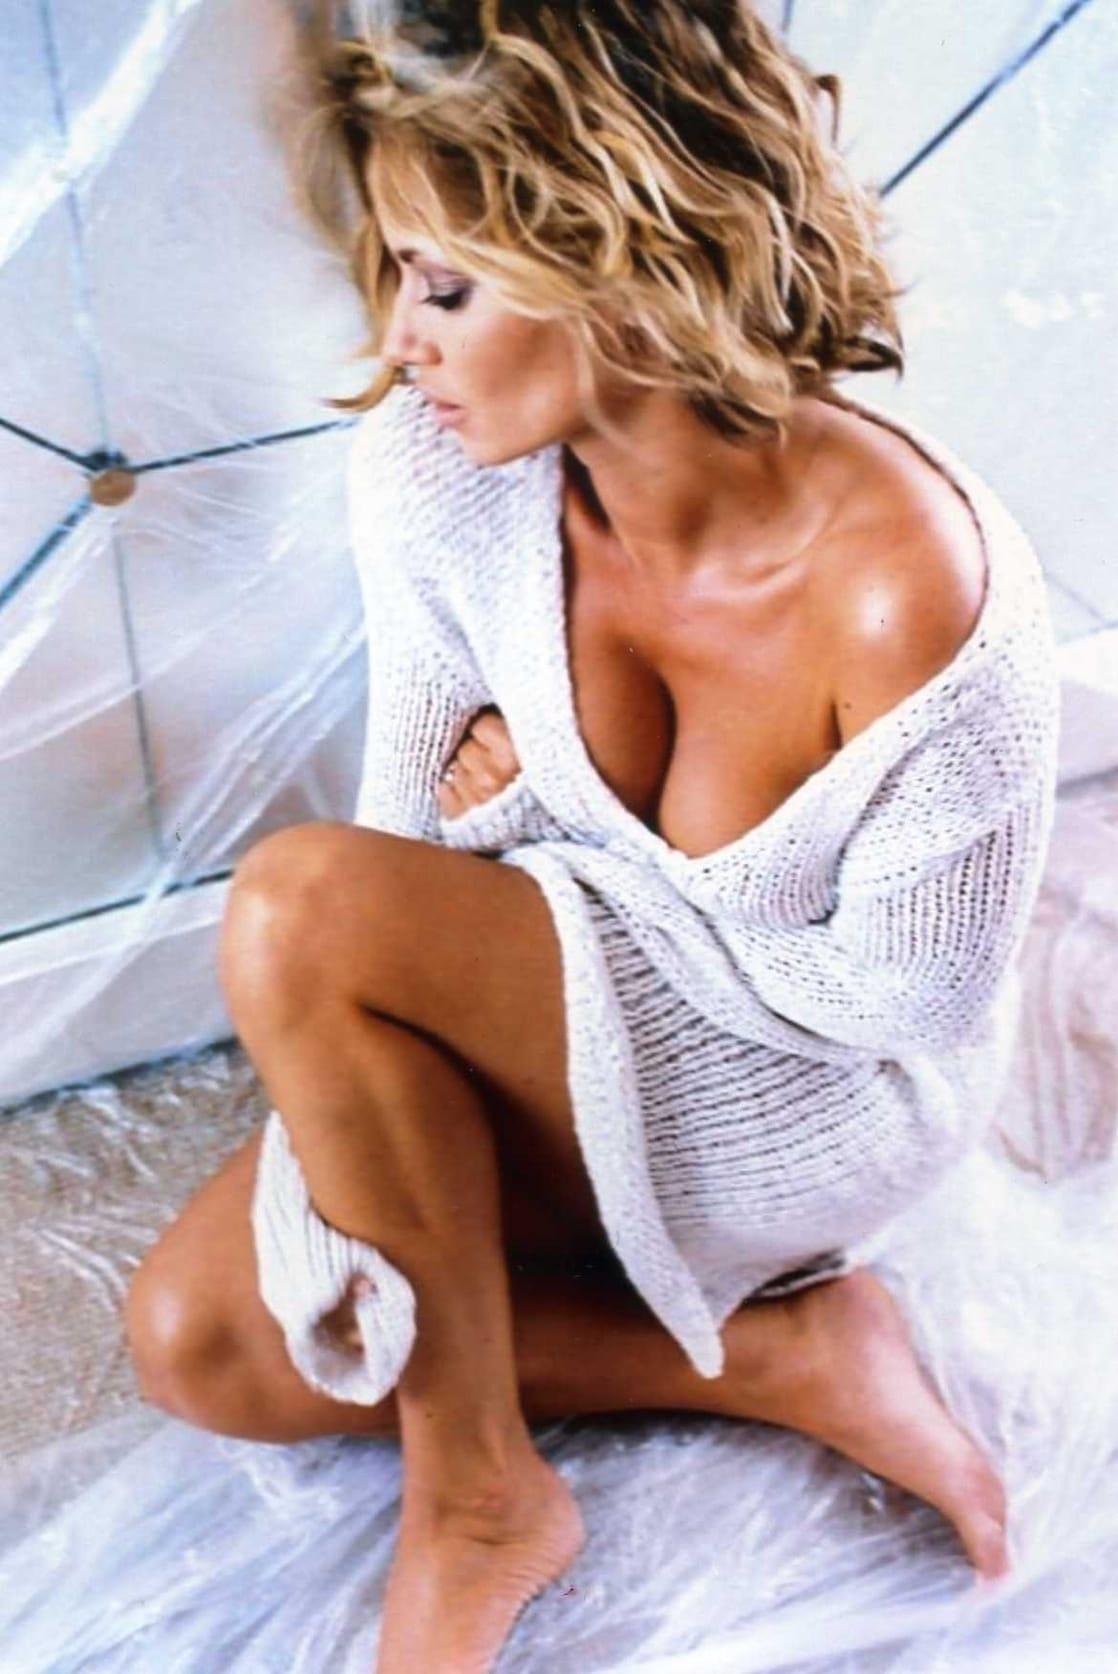 Биография порно актрисы ingrid d eve 193